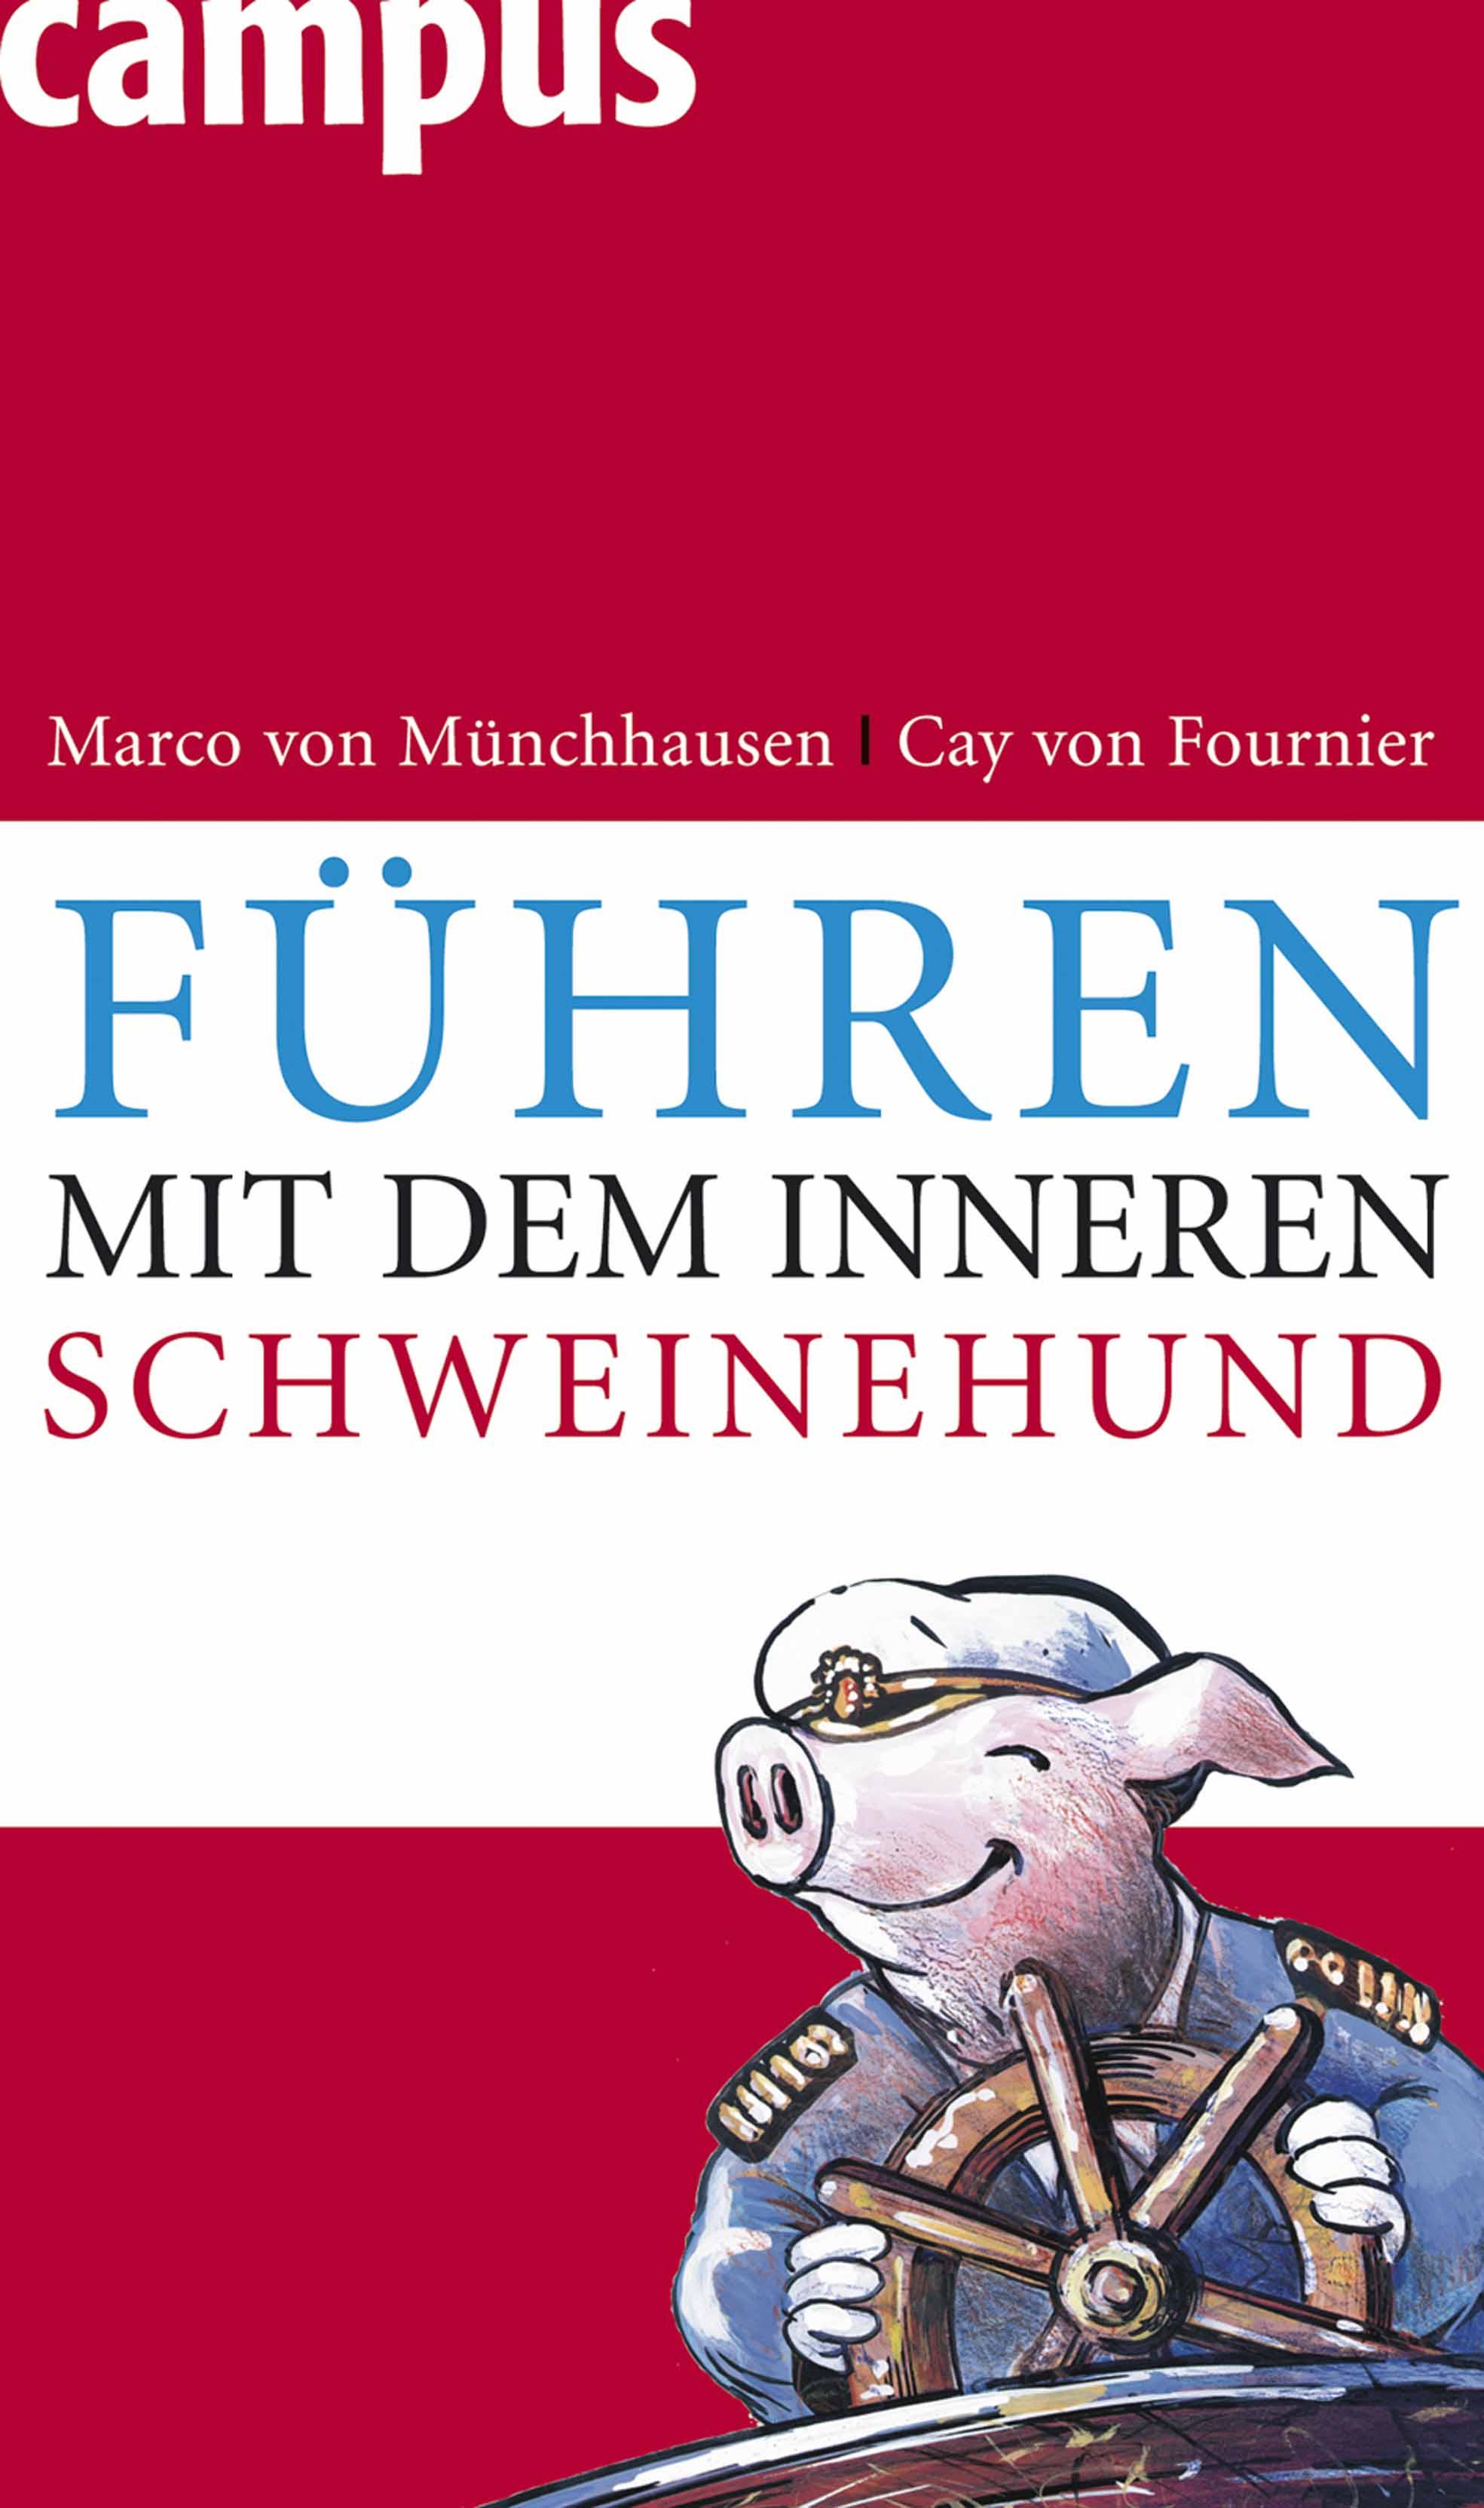 Führen mit dem inneren Schweinehund - Marco von...